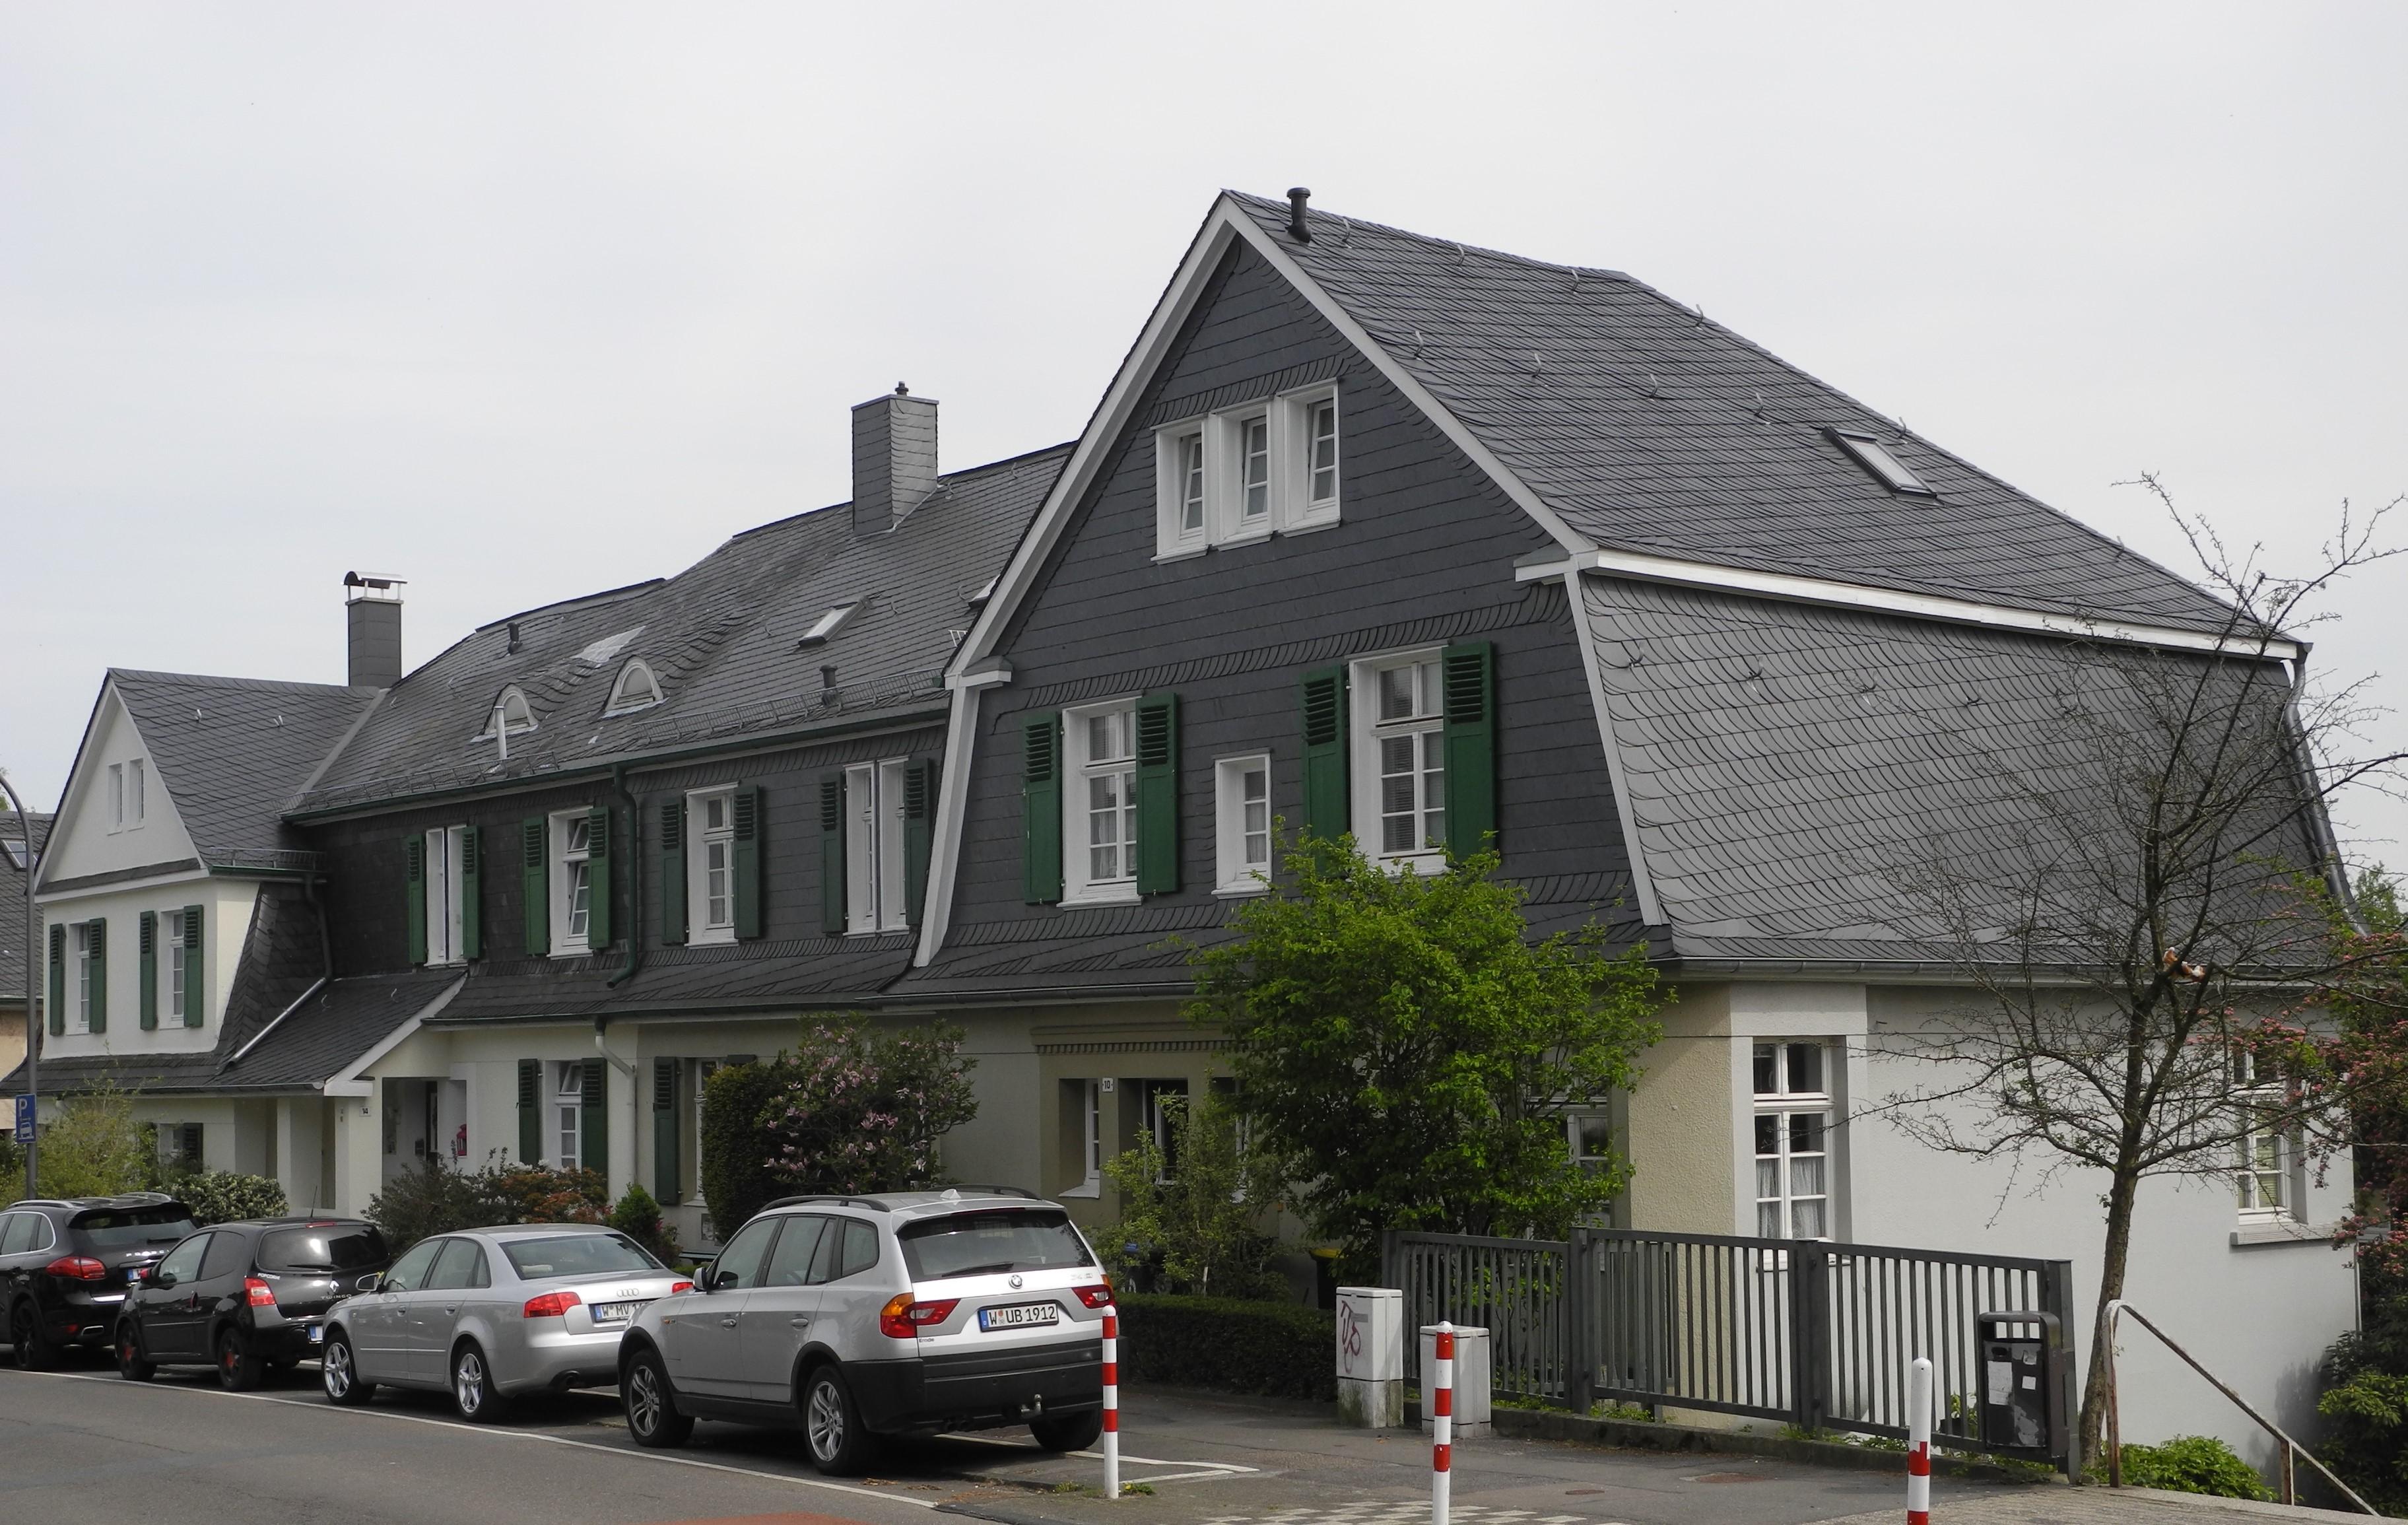 File:Wuppertal, Leipziger Str. 10 - 16, Schrägsicht von